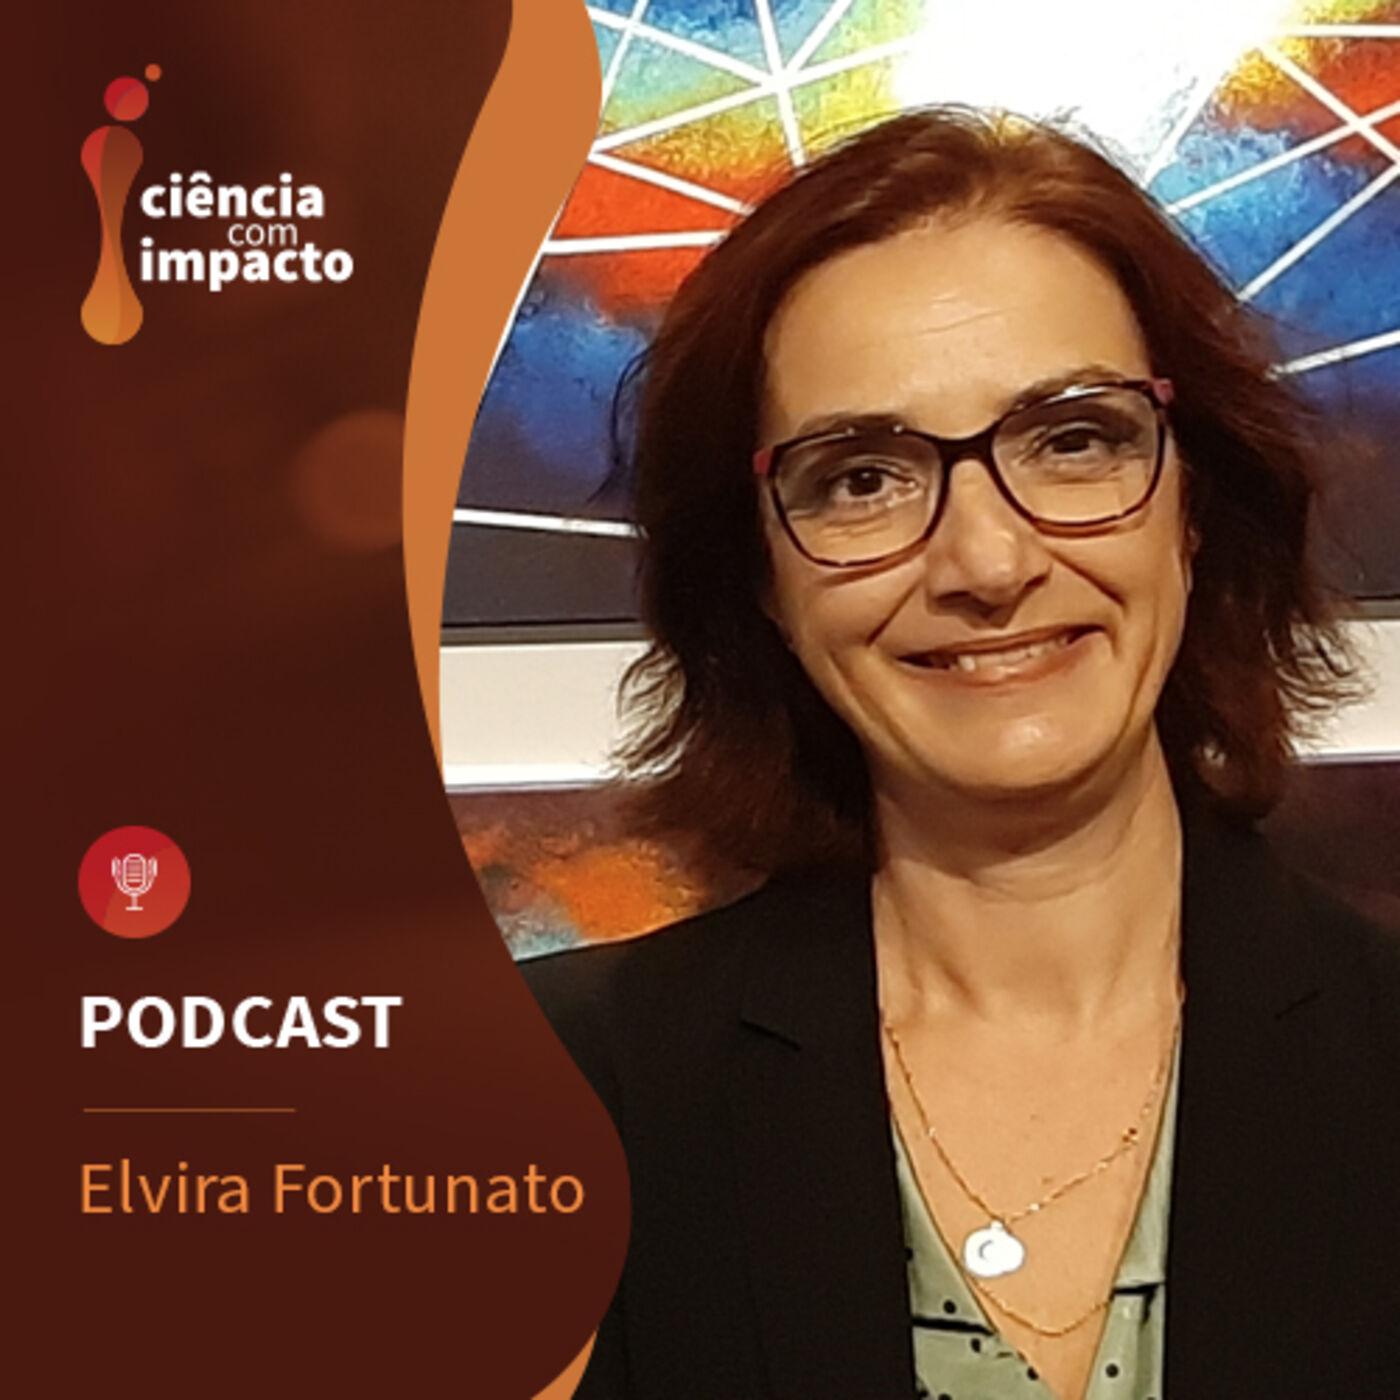 Podcast T2E1: Elvira Fortunato - A Protagonista da Revolução Tecnológica